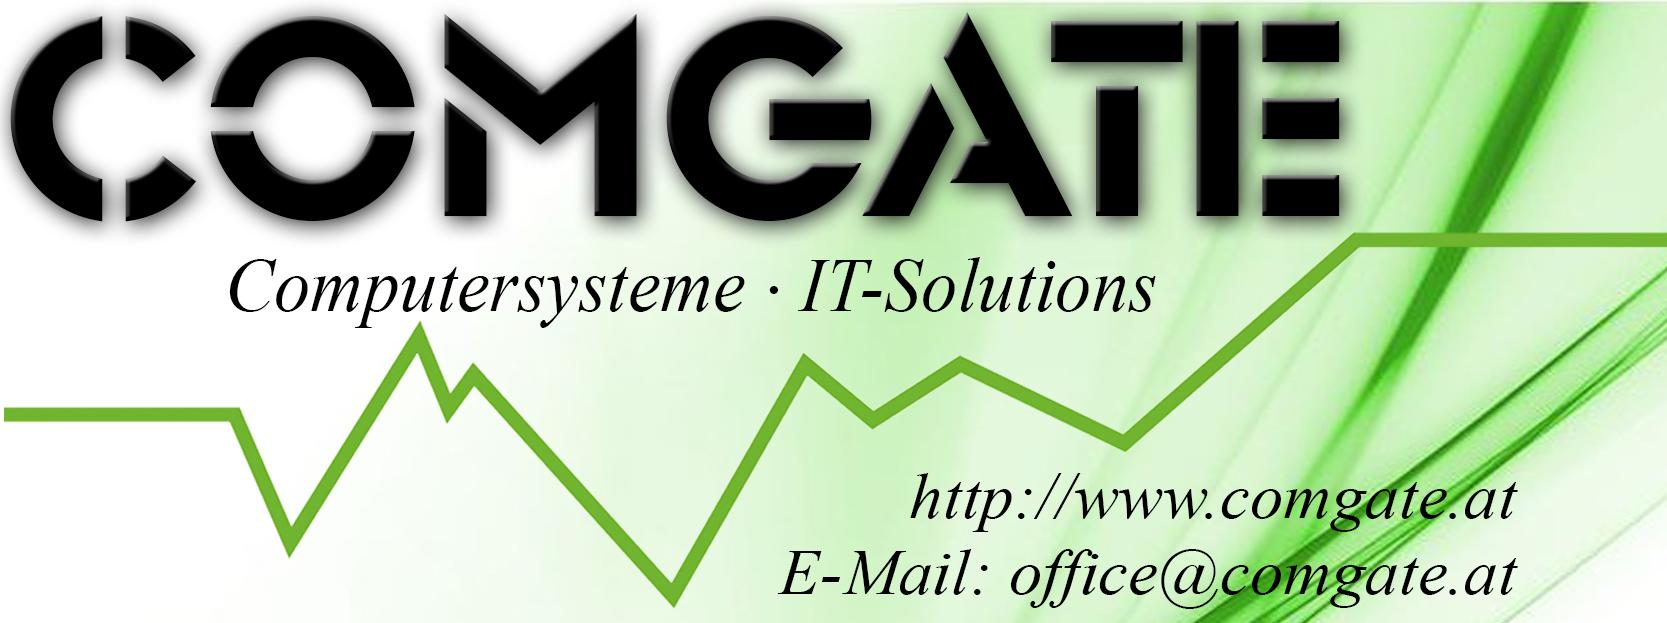 Comgate Computersysteme